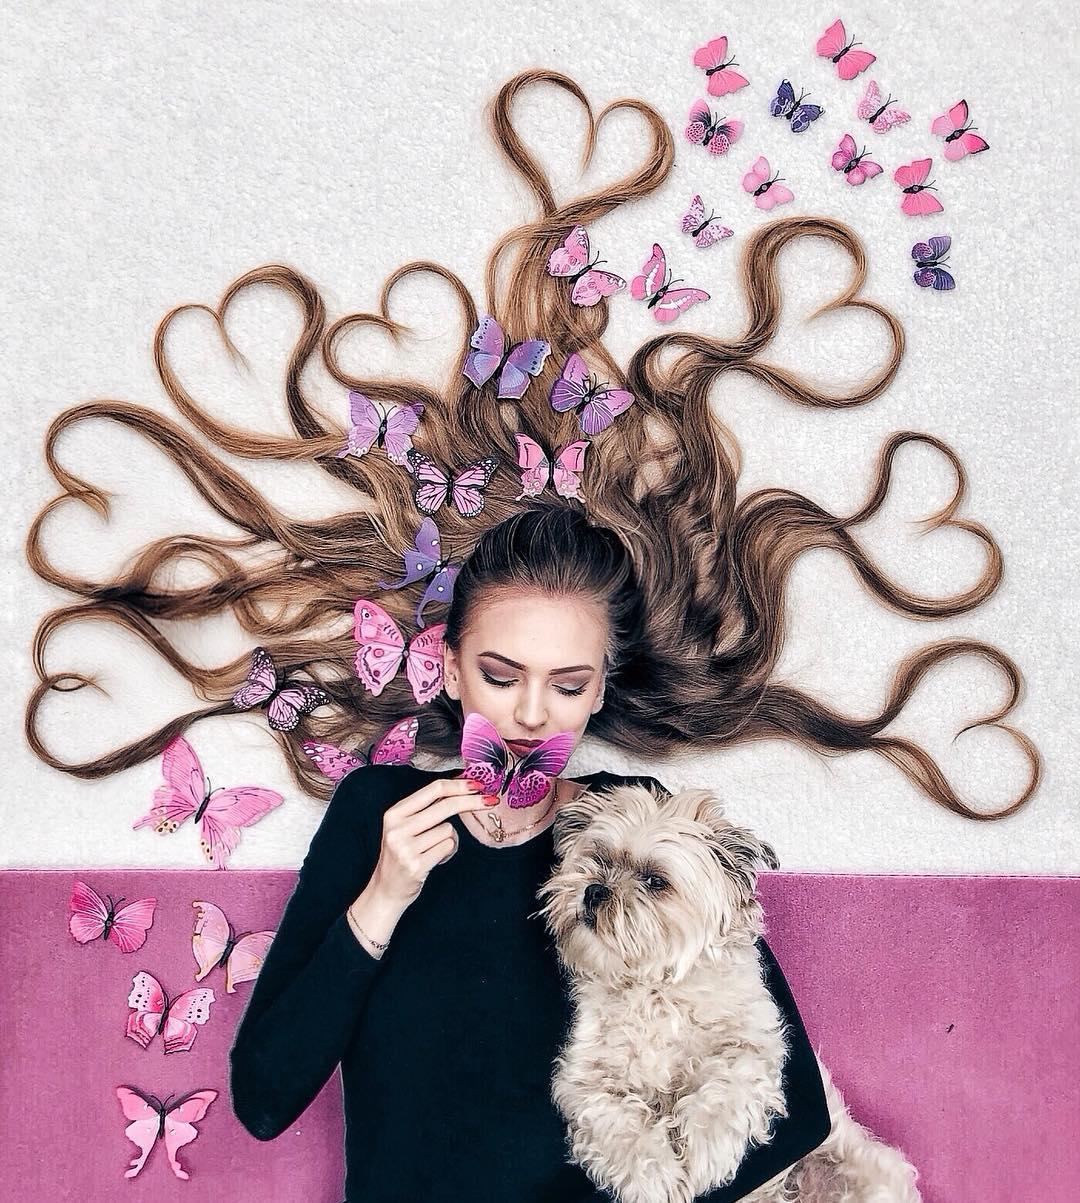 Mladá Holanďanka Krissy Elisabeth vytvára úžasné fotografie, v ktorých vykresľuje krásu jej dlhých vlasov